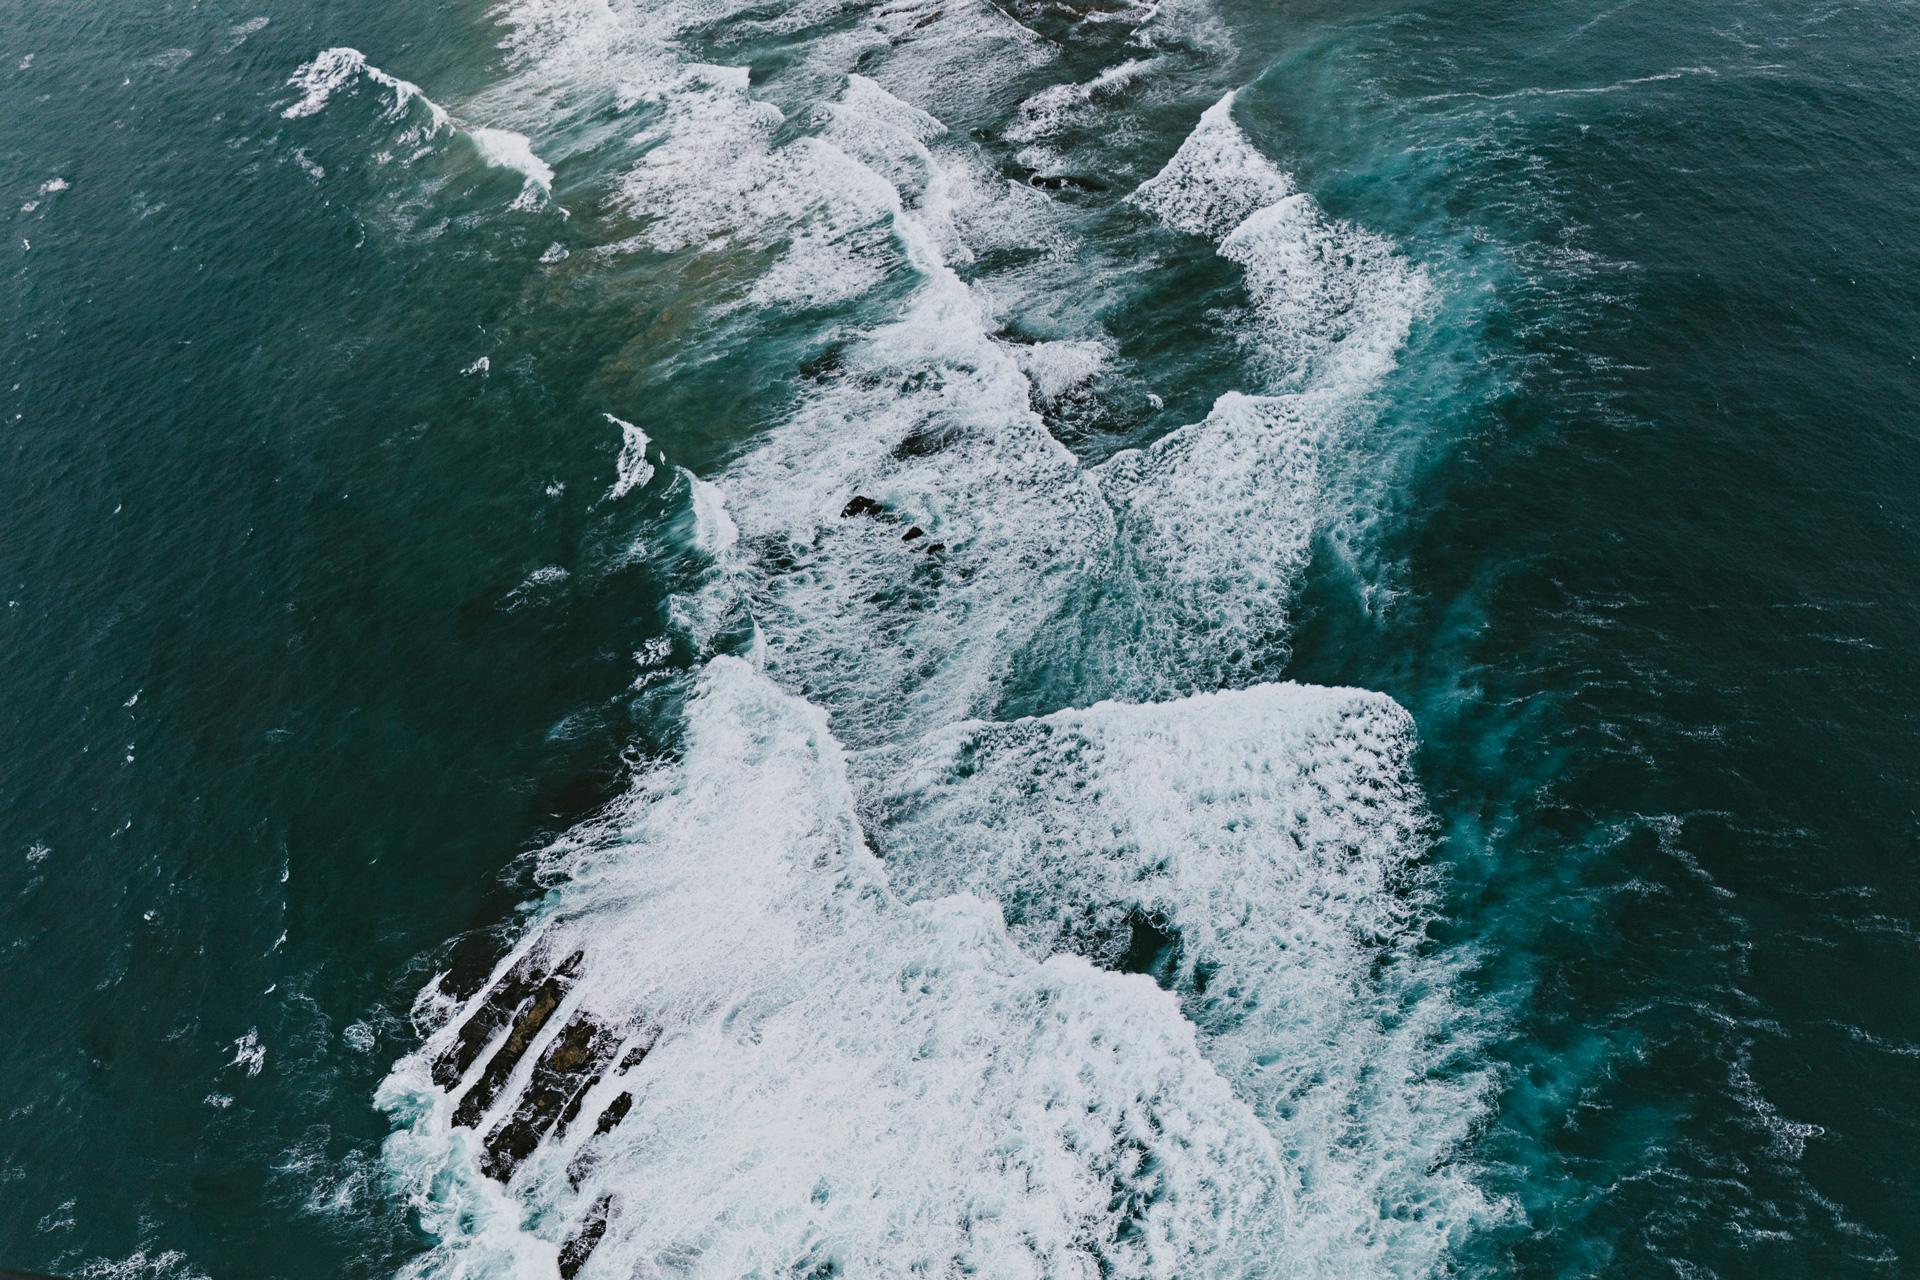 Melissa-Findley-Photographer-Portfolio-WATER-11.jpg